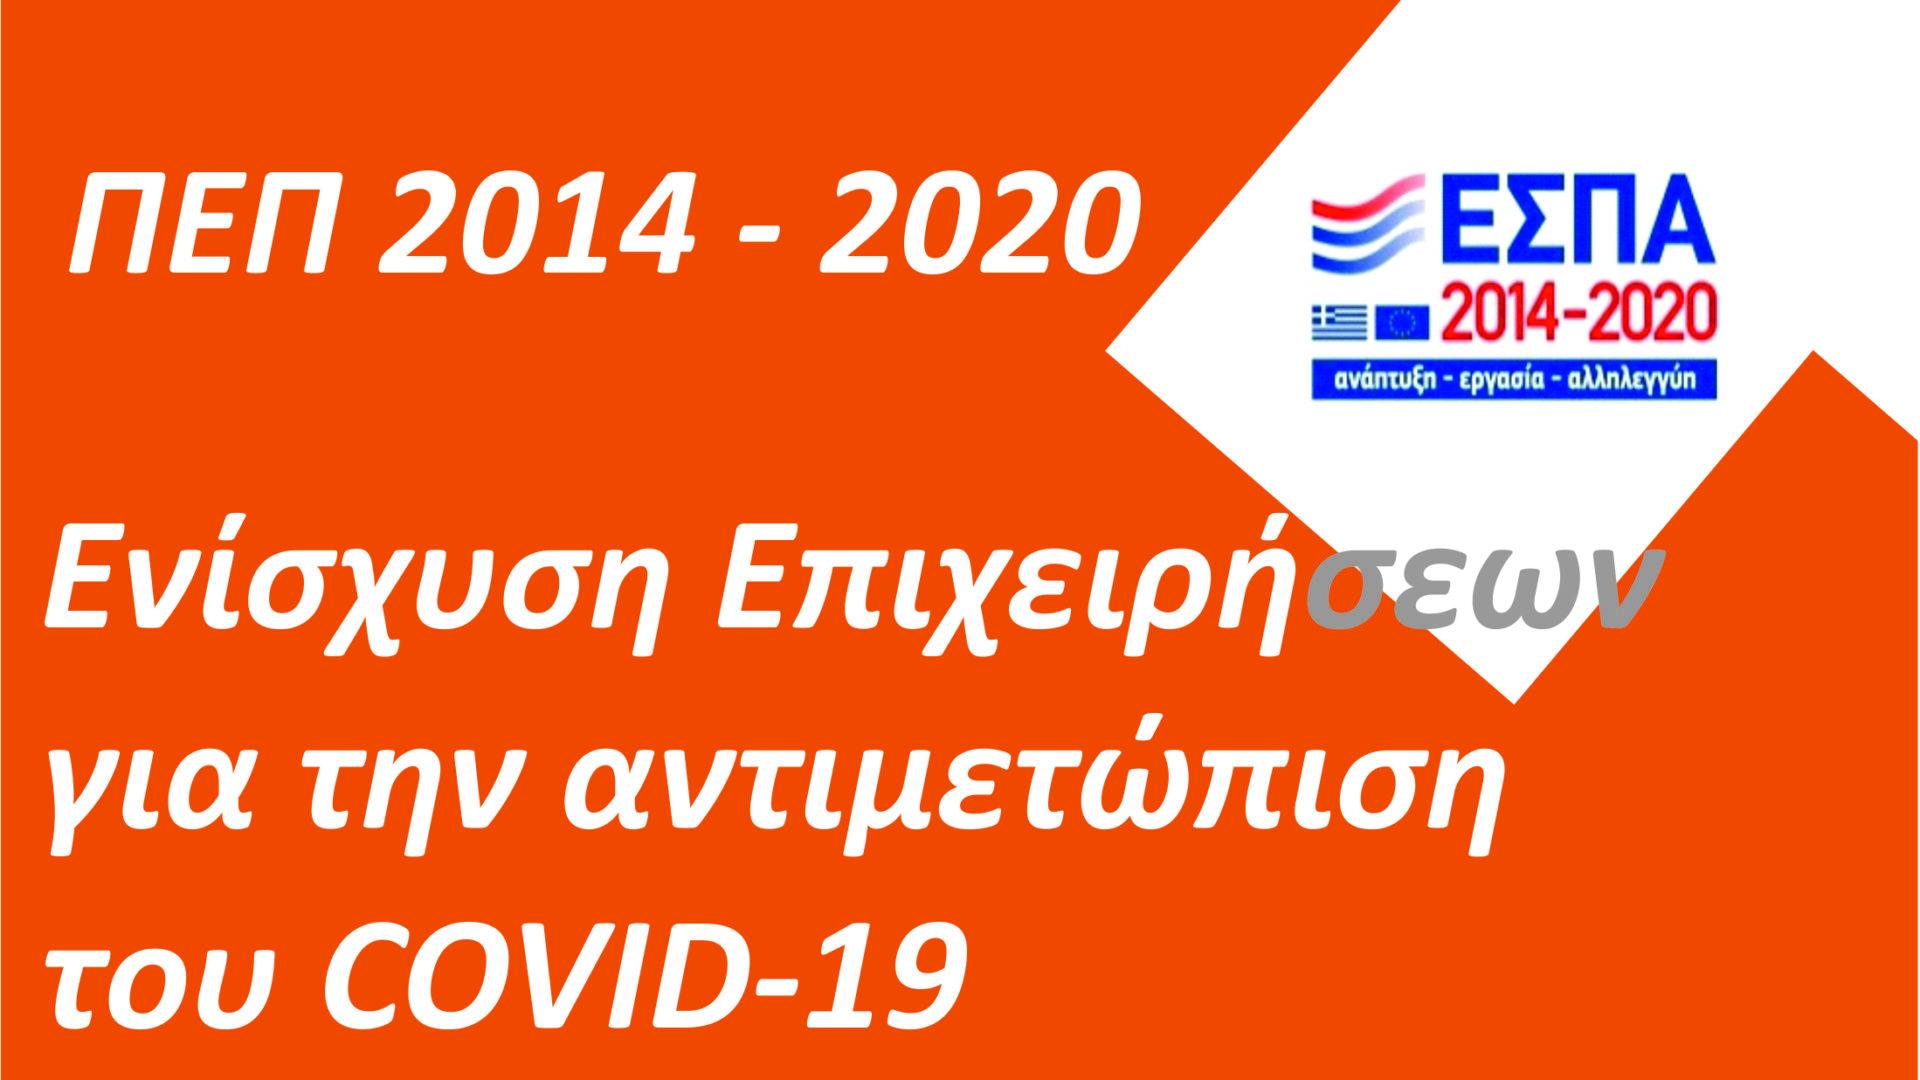 Υποχρεώσεις Δημοσιότητας Δικαιούχων Δράσης «Ενίσχυση επιχειρήσεων για την αντιμετώπιση των συνεπειών της πανδημίας COVID-19 στην Ανατολική Μακεδονία και Θράκη»